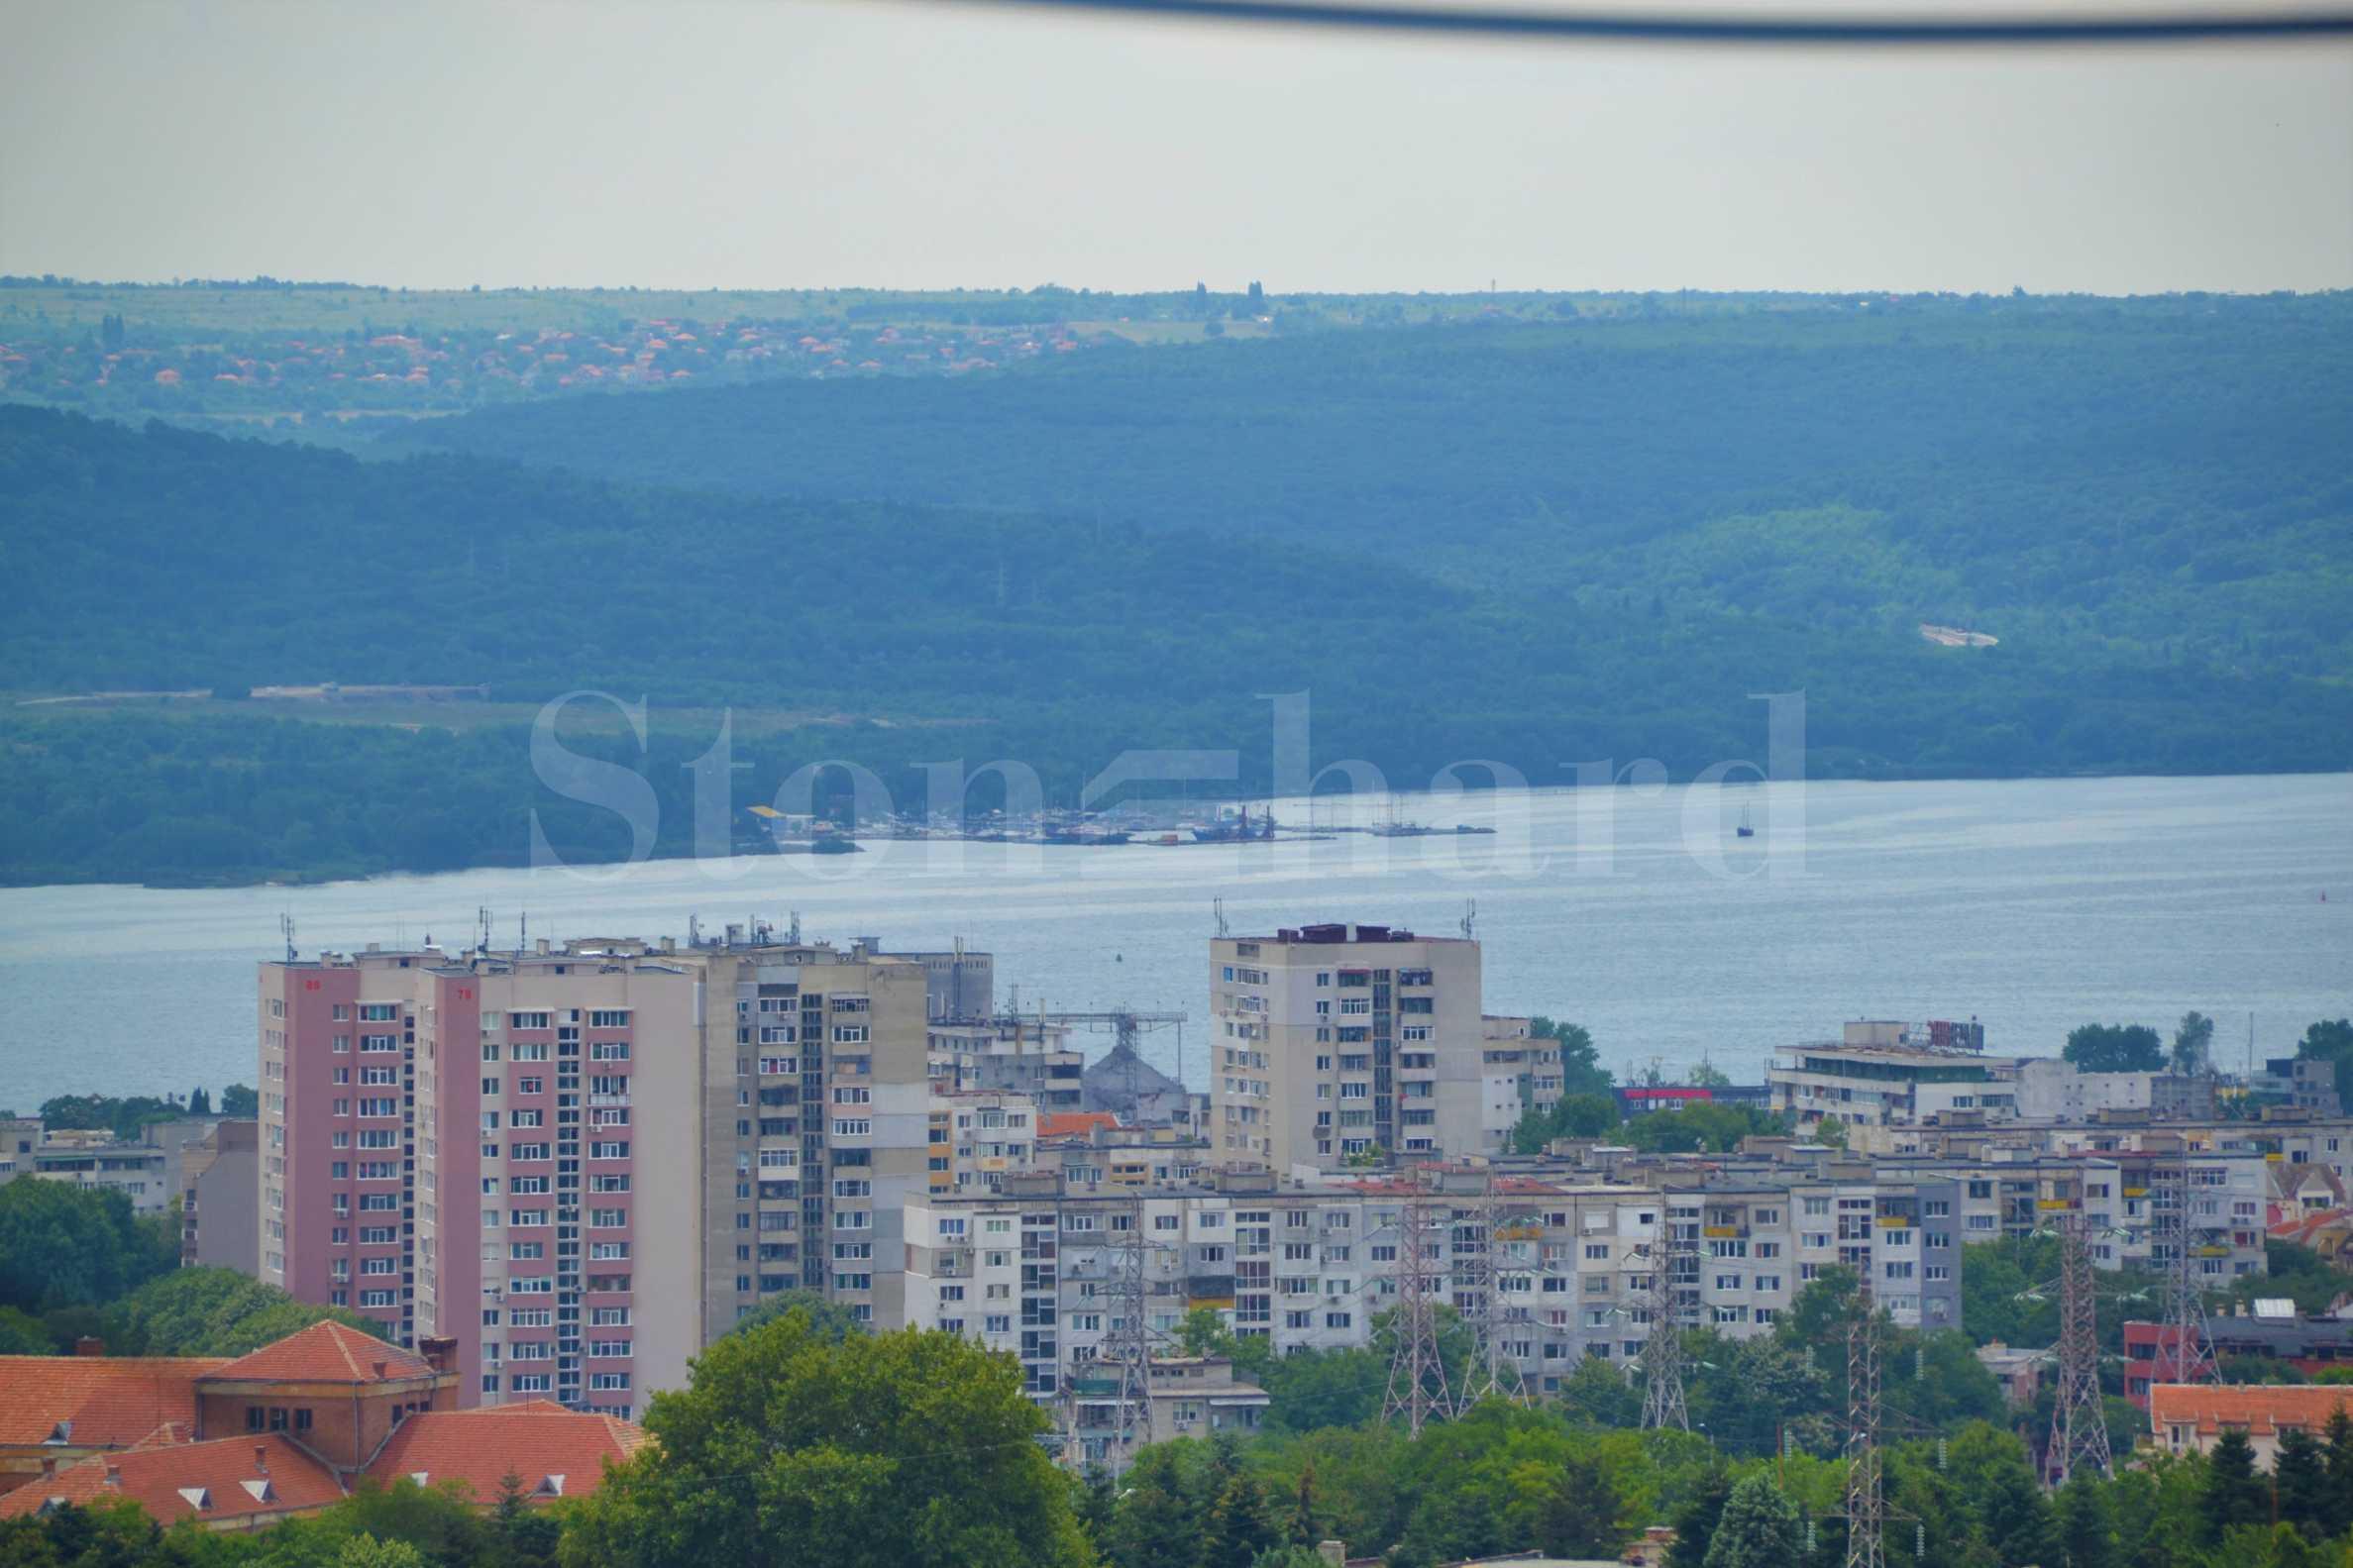 Последни едностайни и двустайни апартаменти в ж.к. Възраждане ІІІ, Варна1 - Stonehard